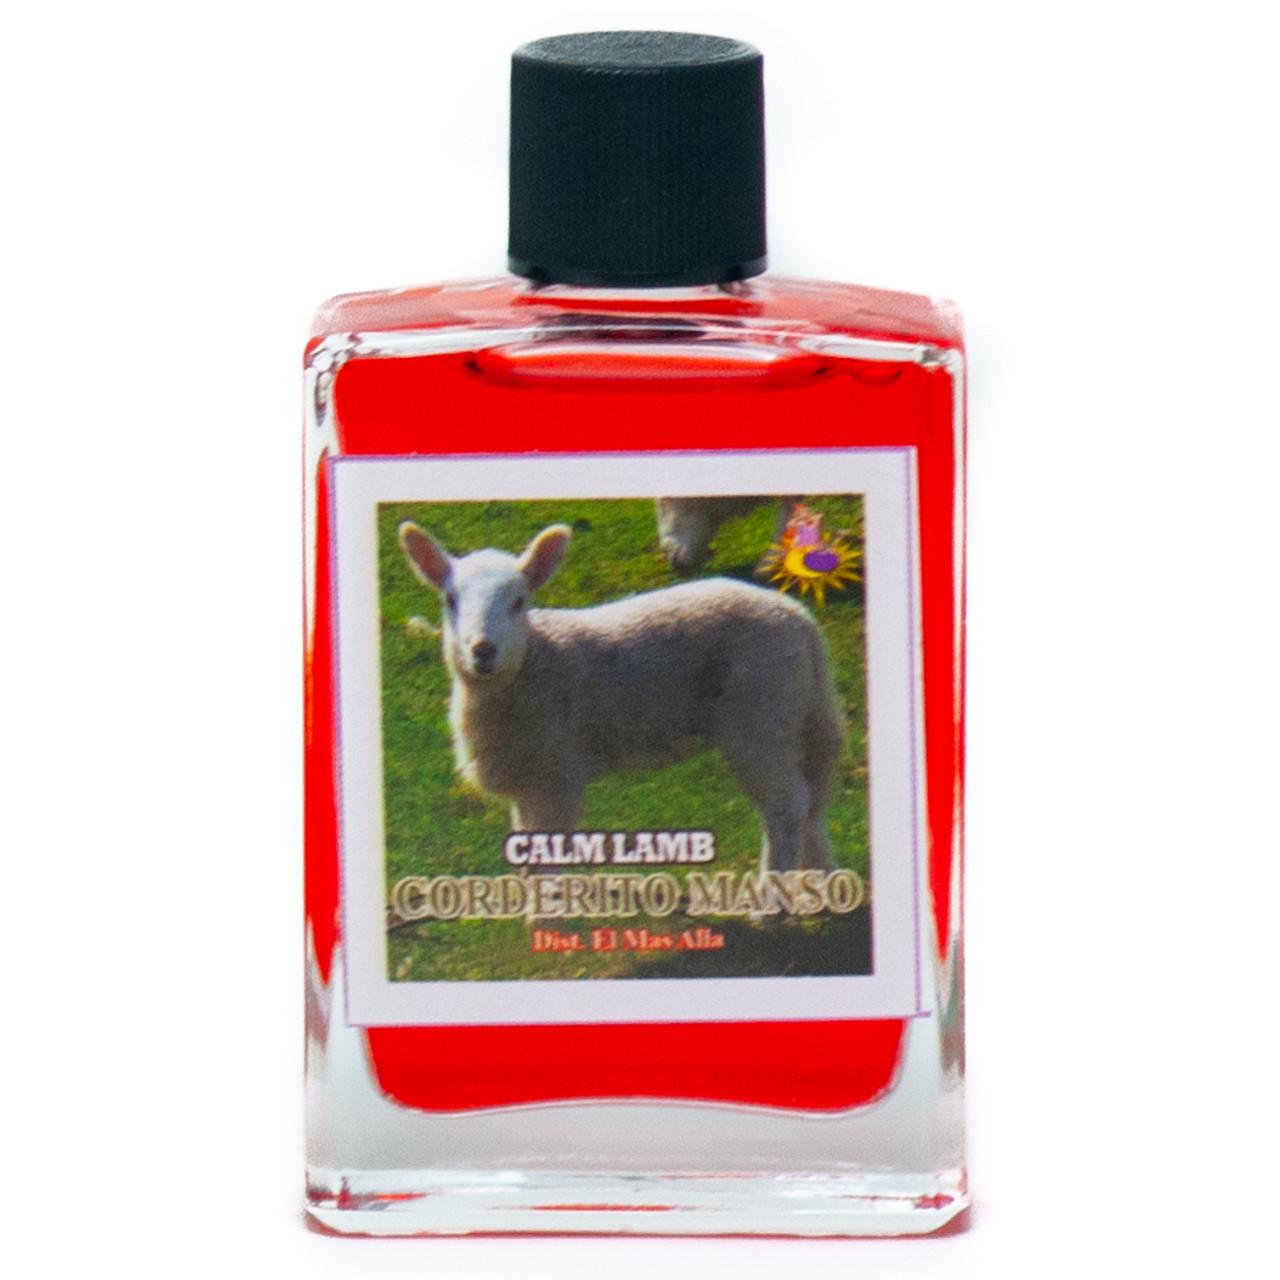 Perfume Corderito Manso - Calm Lamb Perfume